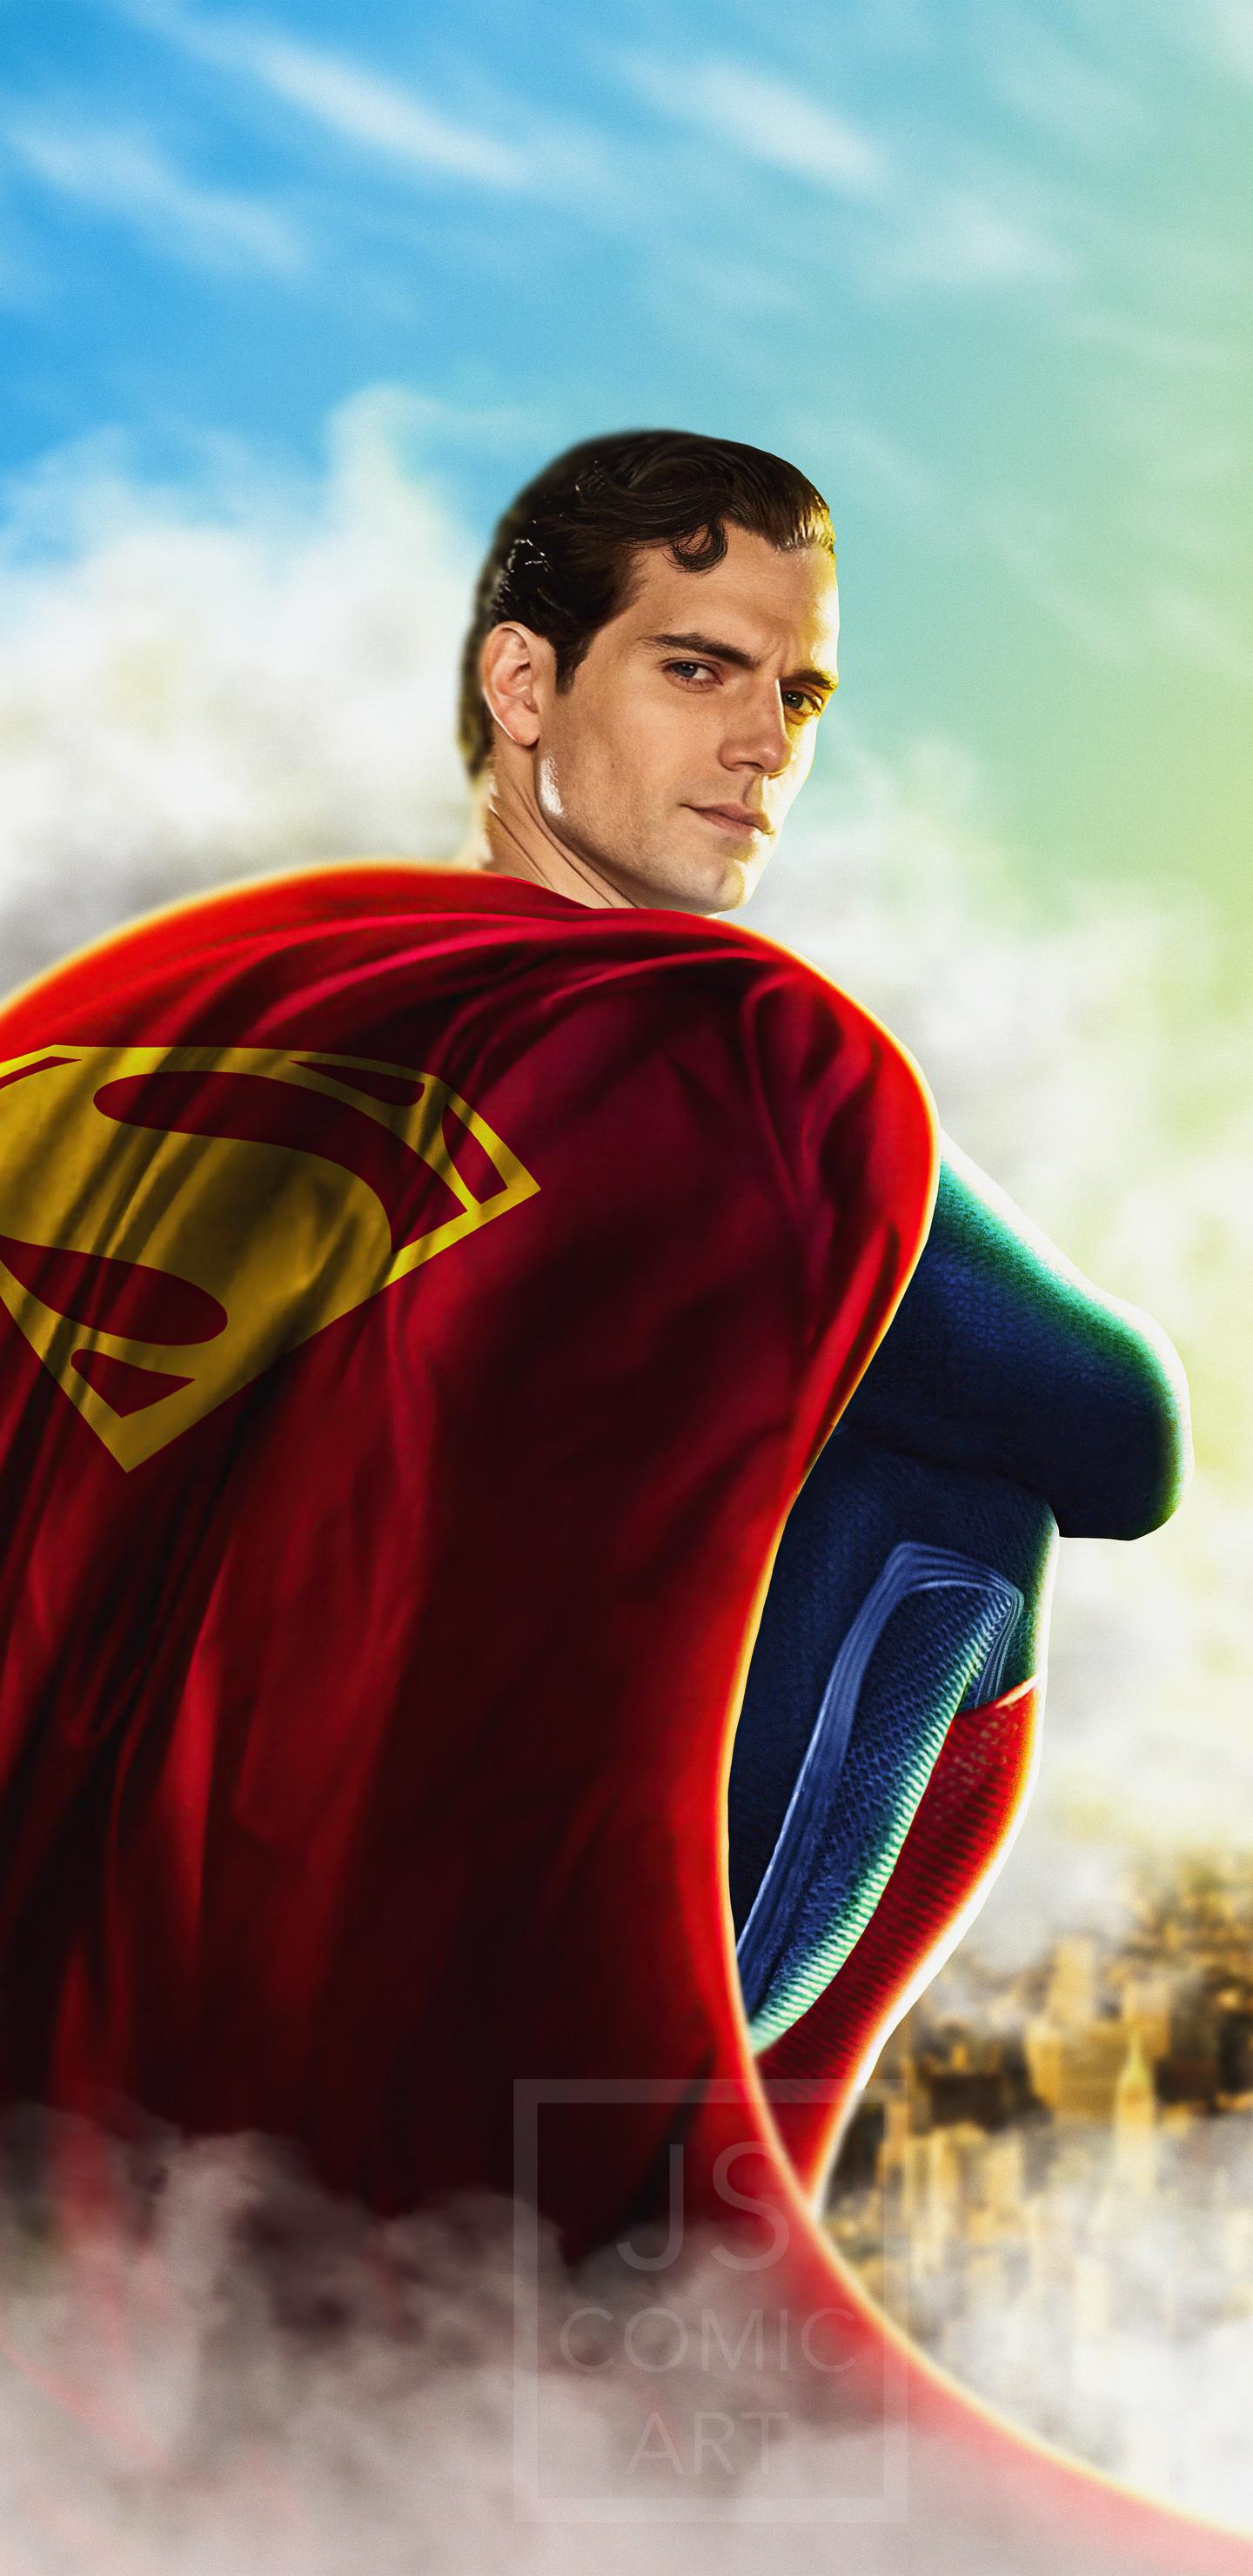 henry-cavill-superman-5k-qz.jpg